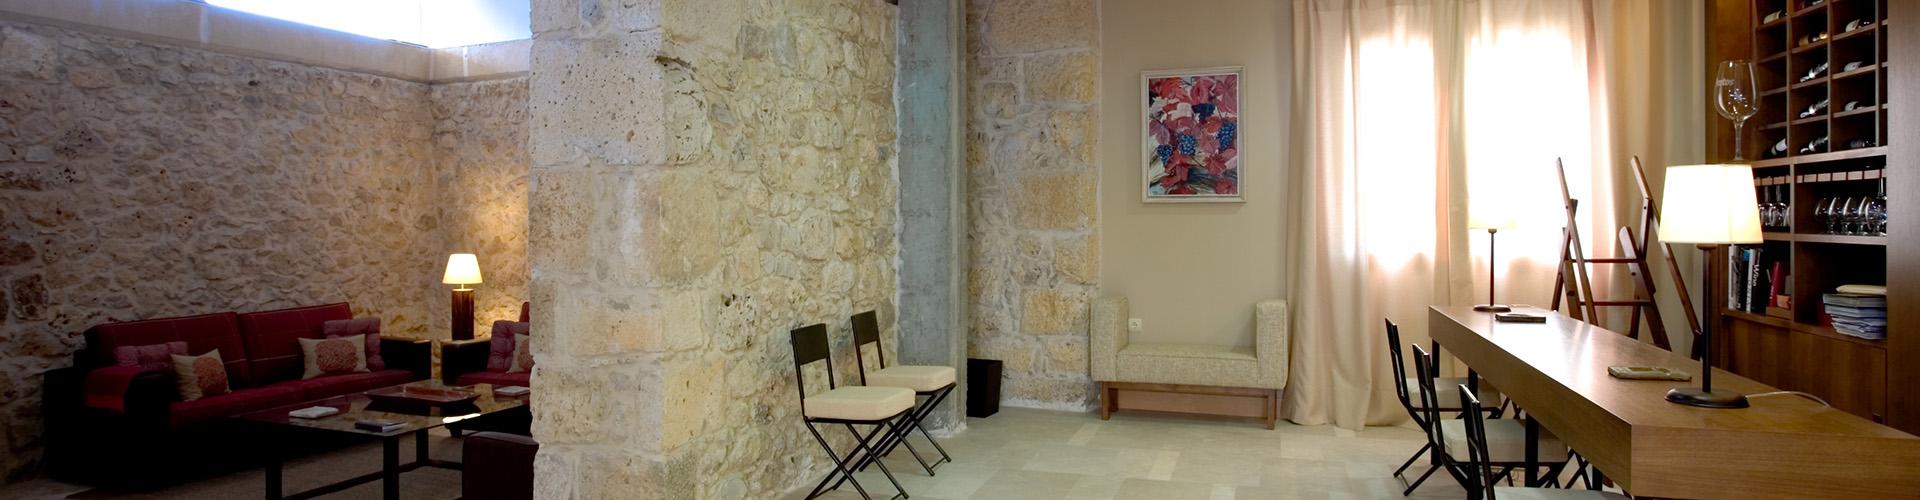 LAVIDA VINO-SPA HOTEL (4)